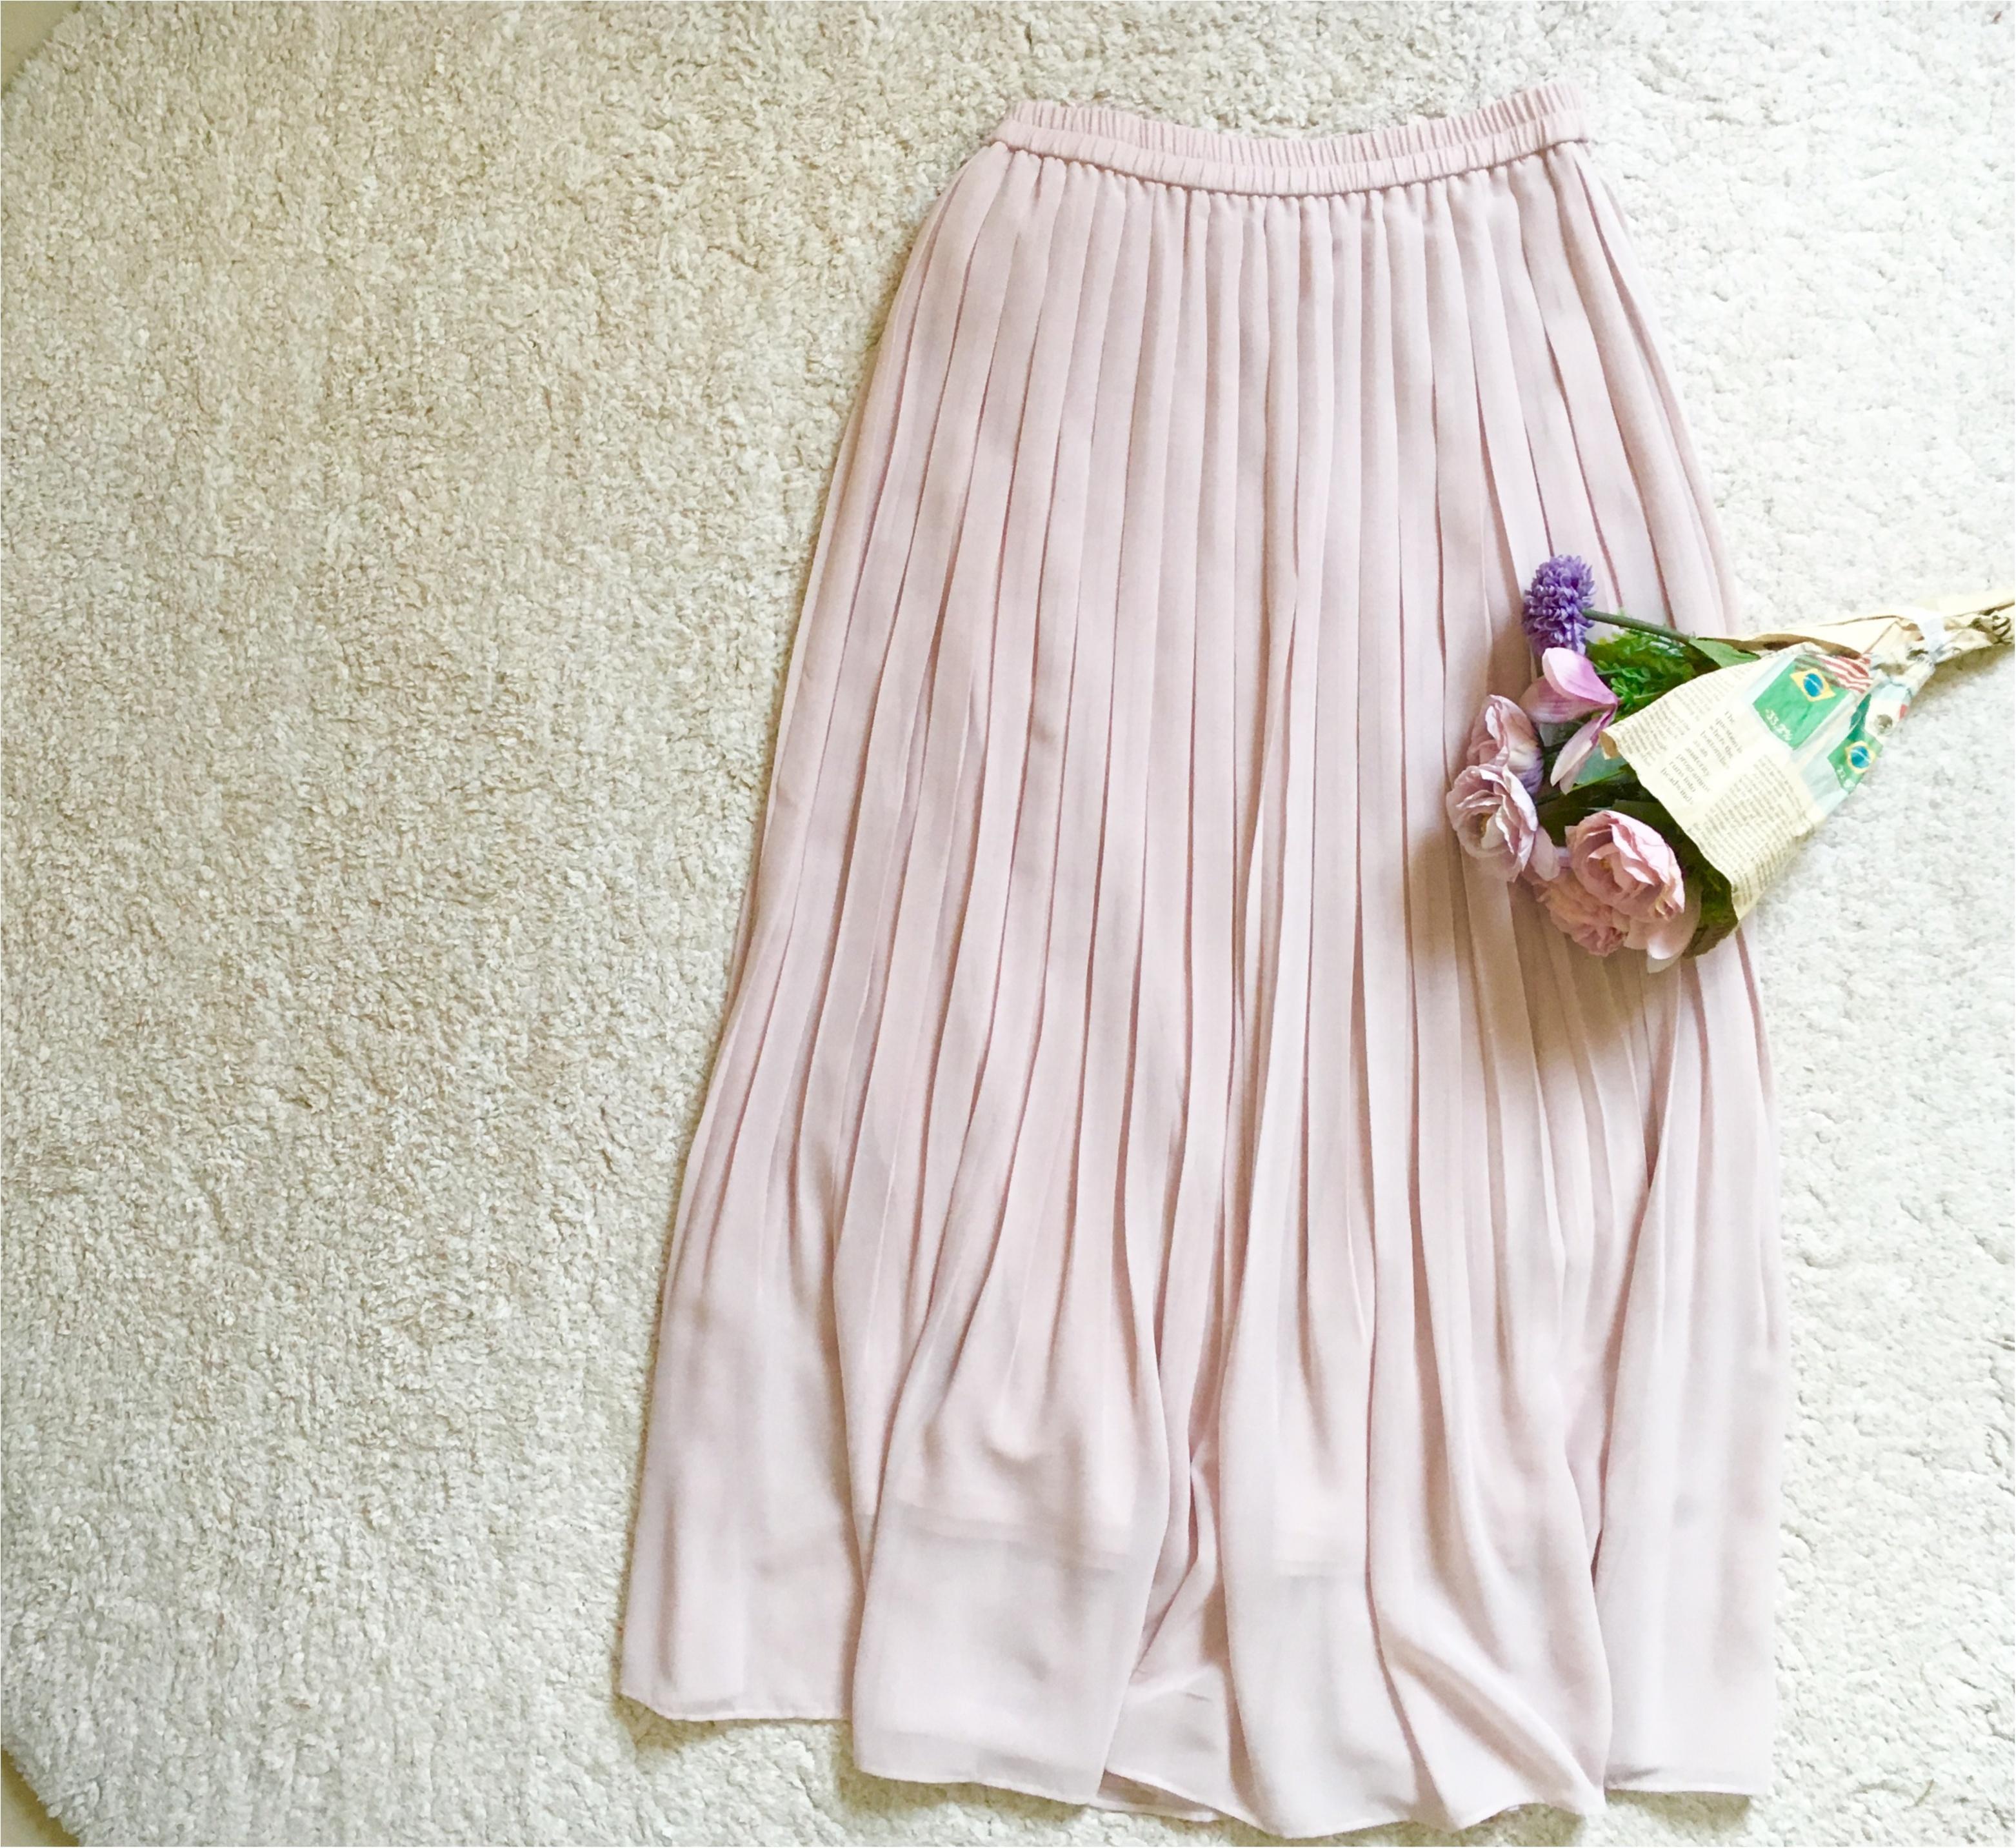 【ユニクロ】揺れ感が可愛すぎる❤️待ちに待った《春色スカート》は買うなら今がオススメ!_2